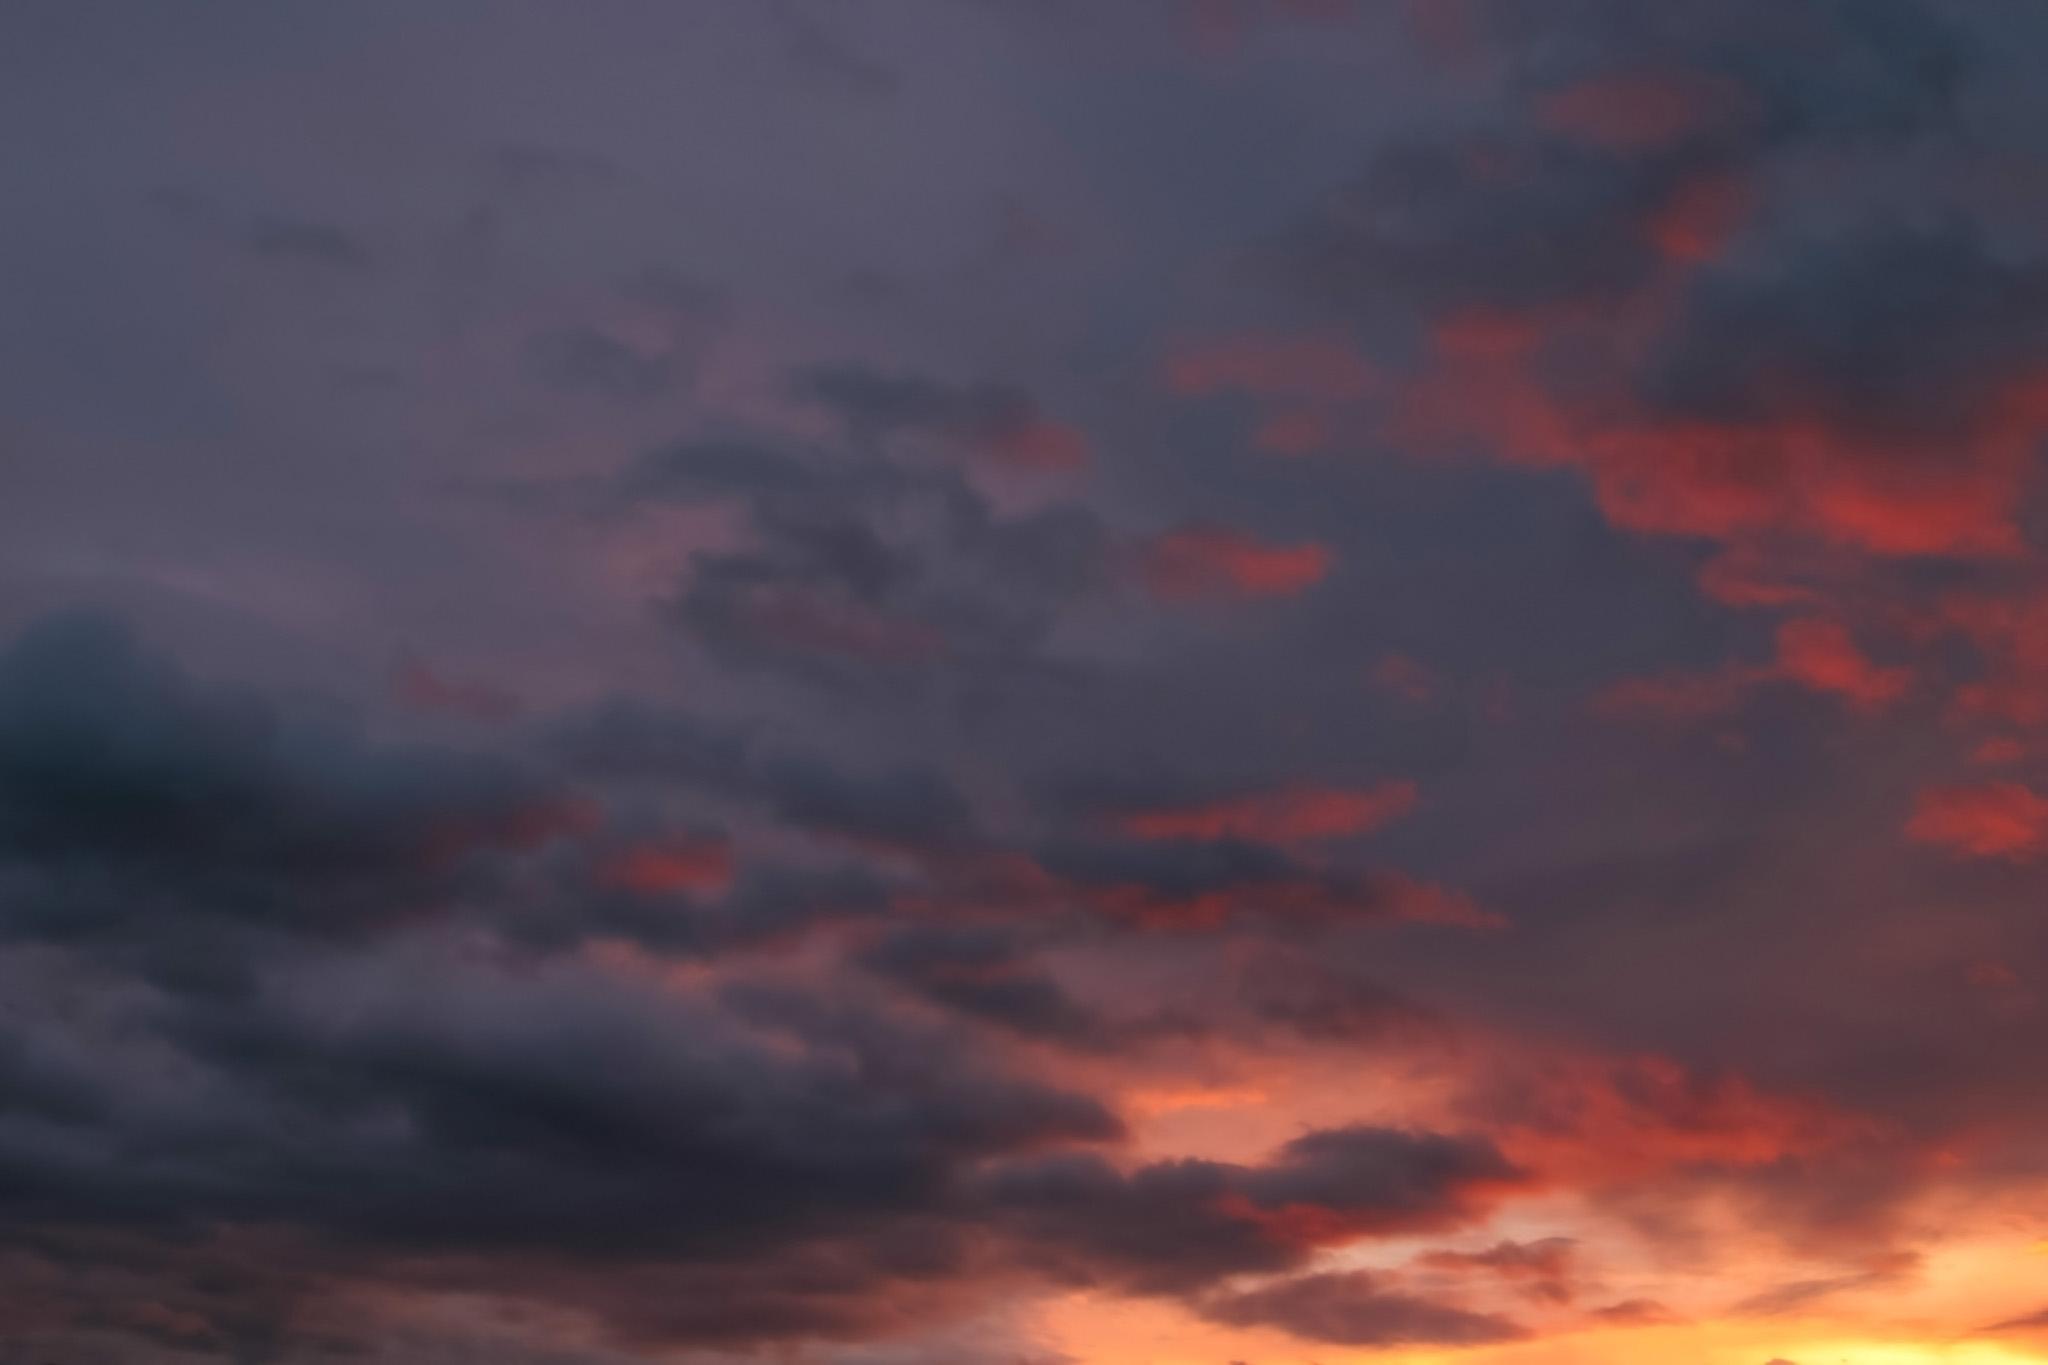 「黒空に残る赤い夕焼けの光」